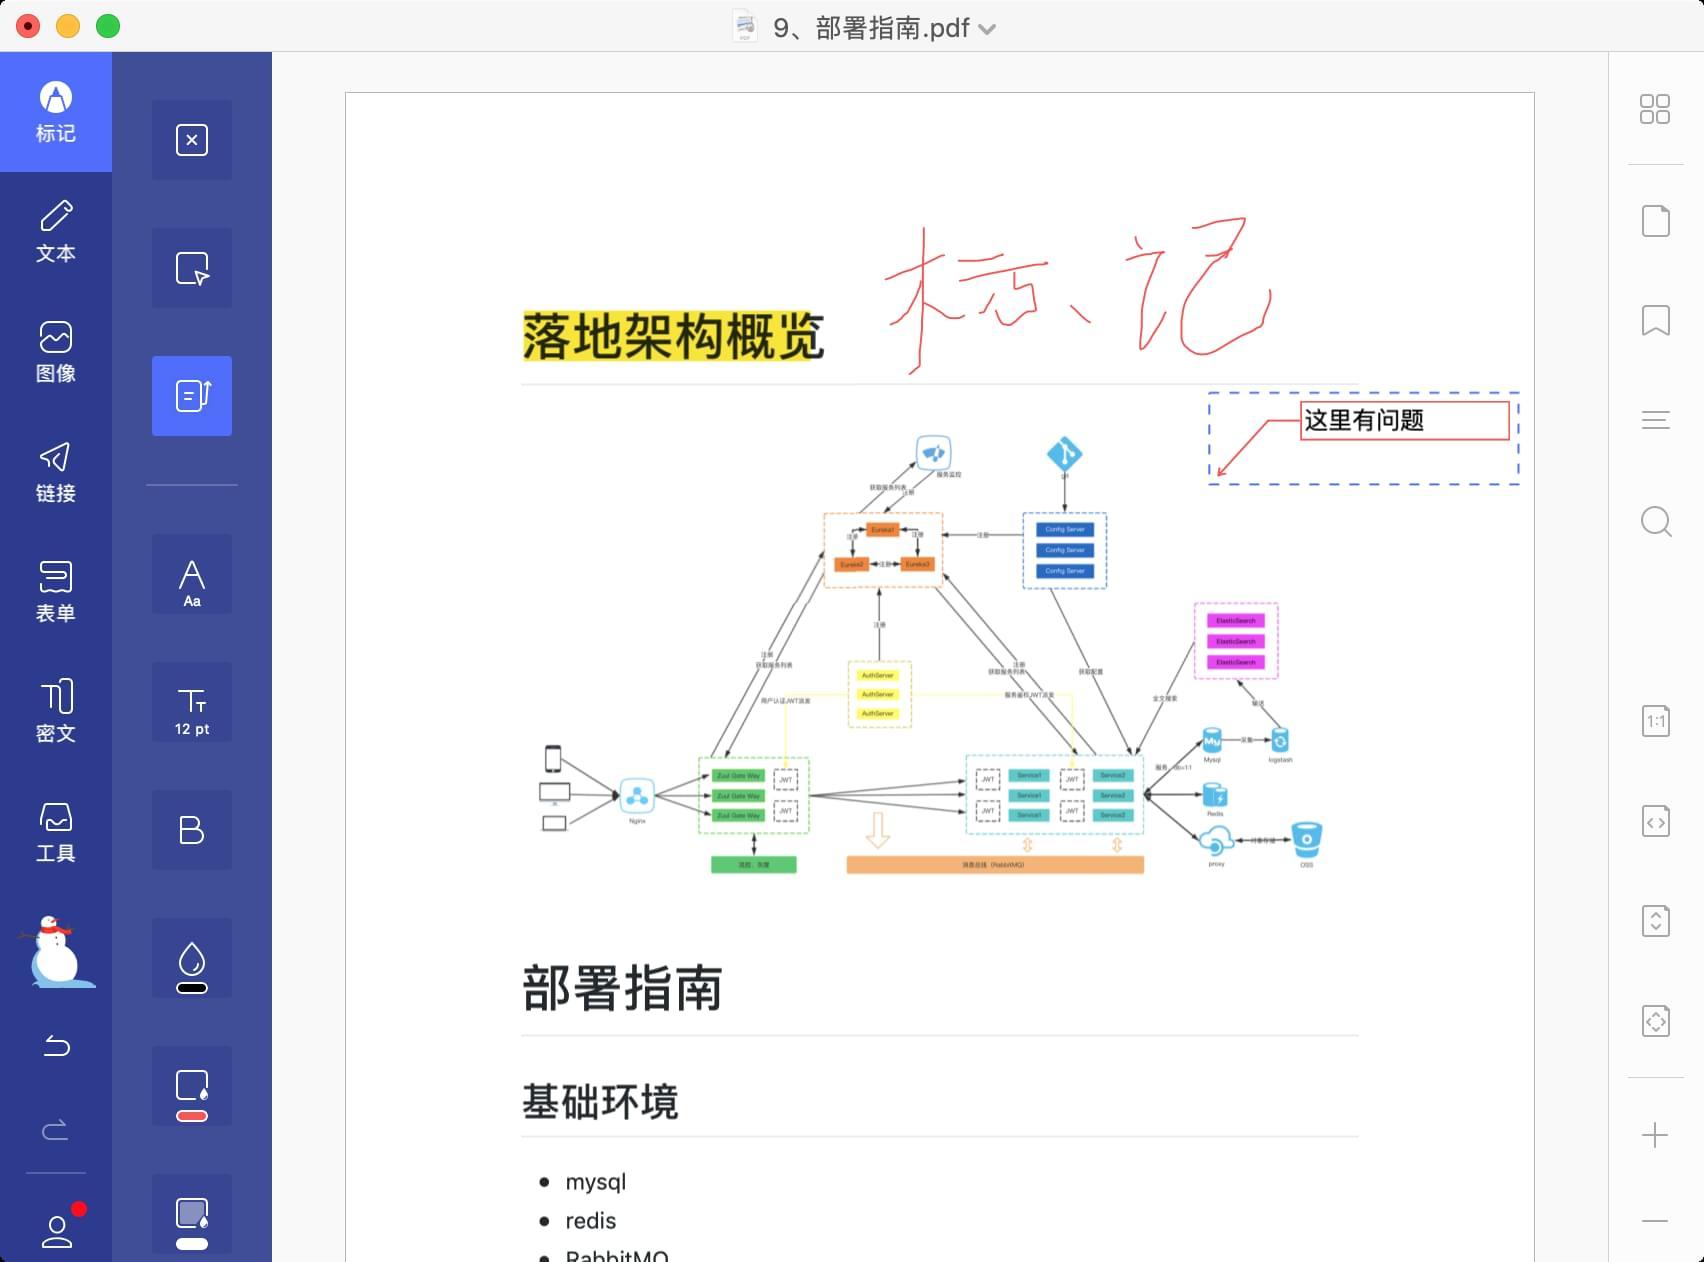 万兴PDF专家标注功能